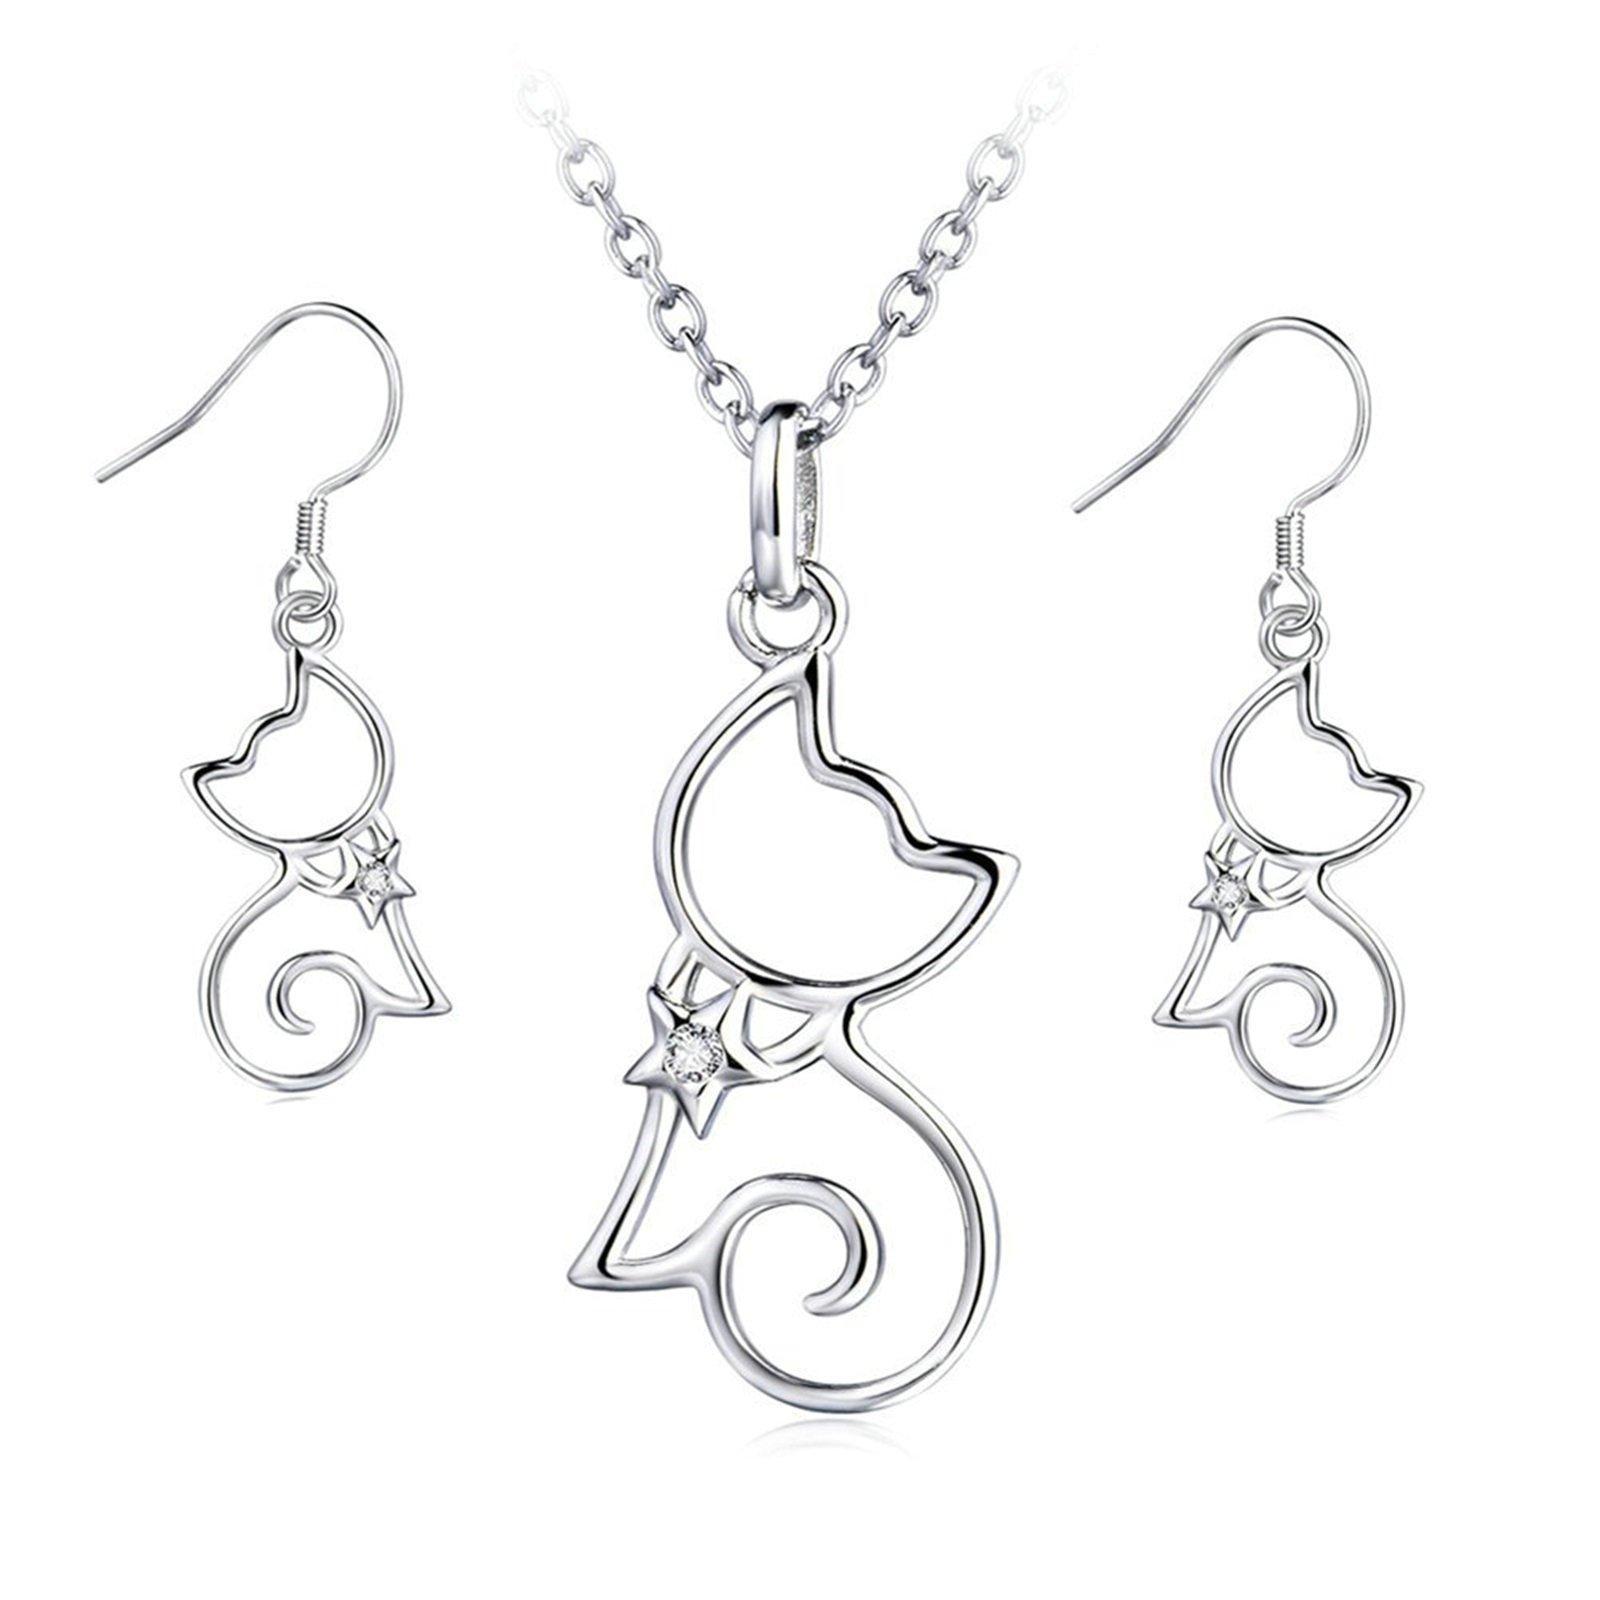 Aooaz Jewelry Silver Plated CZ Open Little Cat Dangle Earrings Pendant Necklace 18''